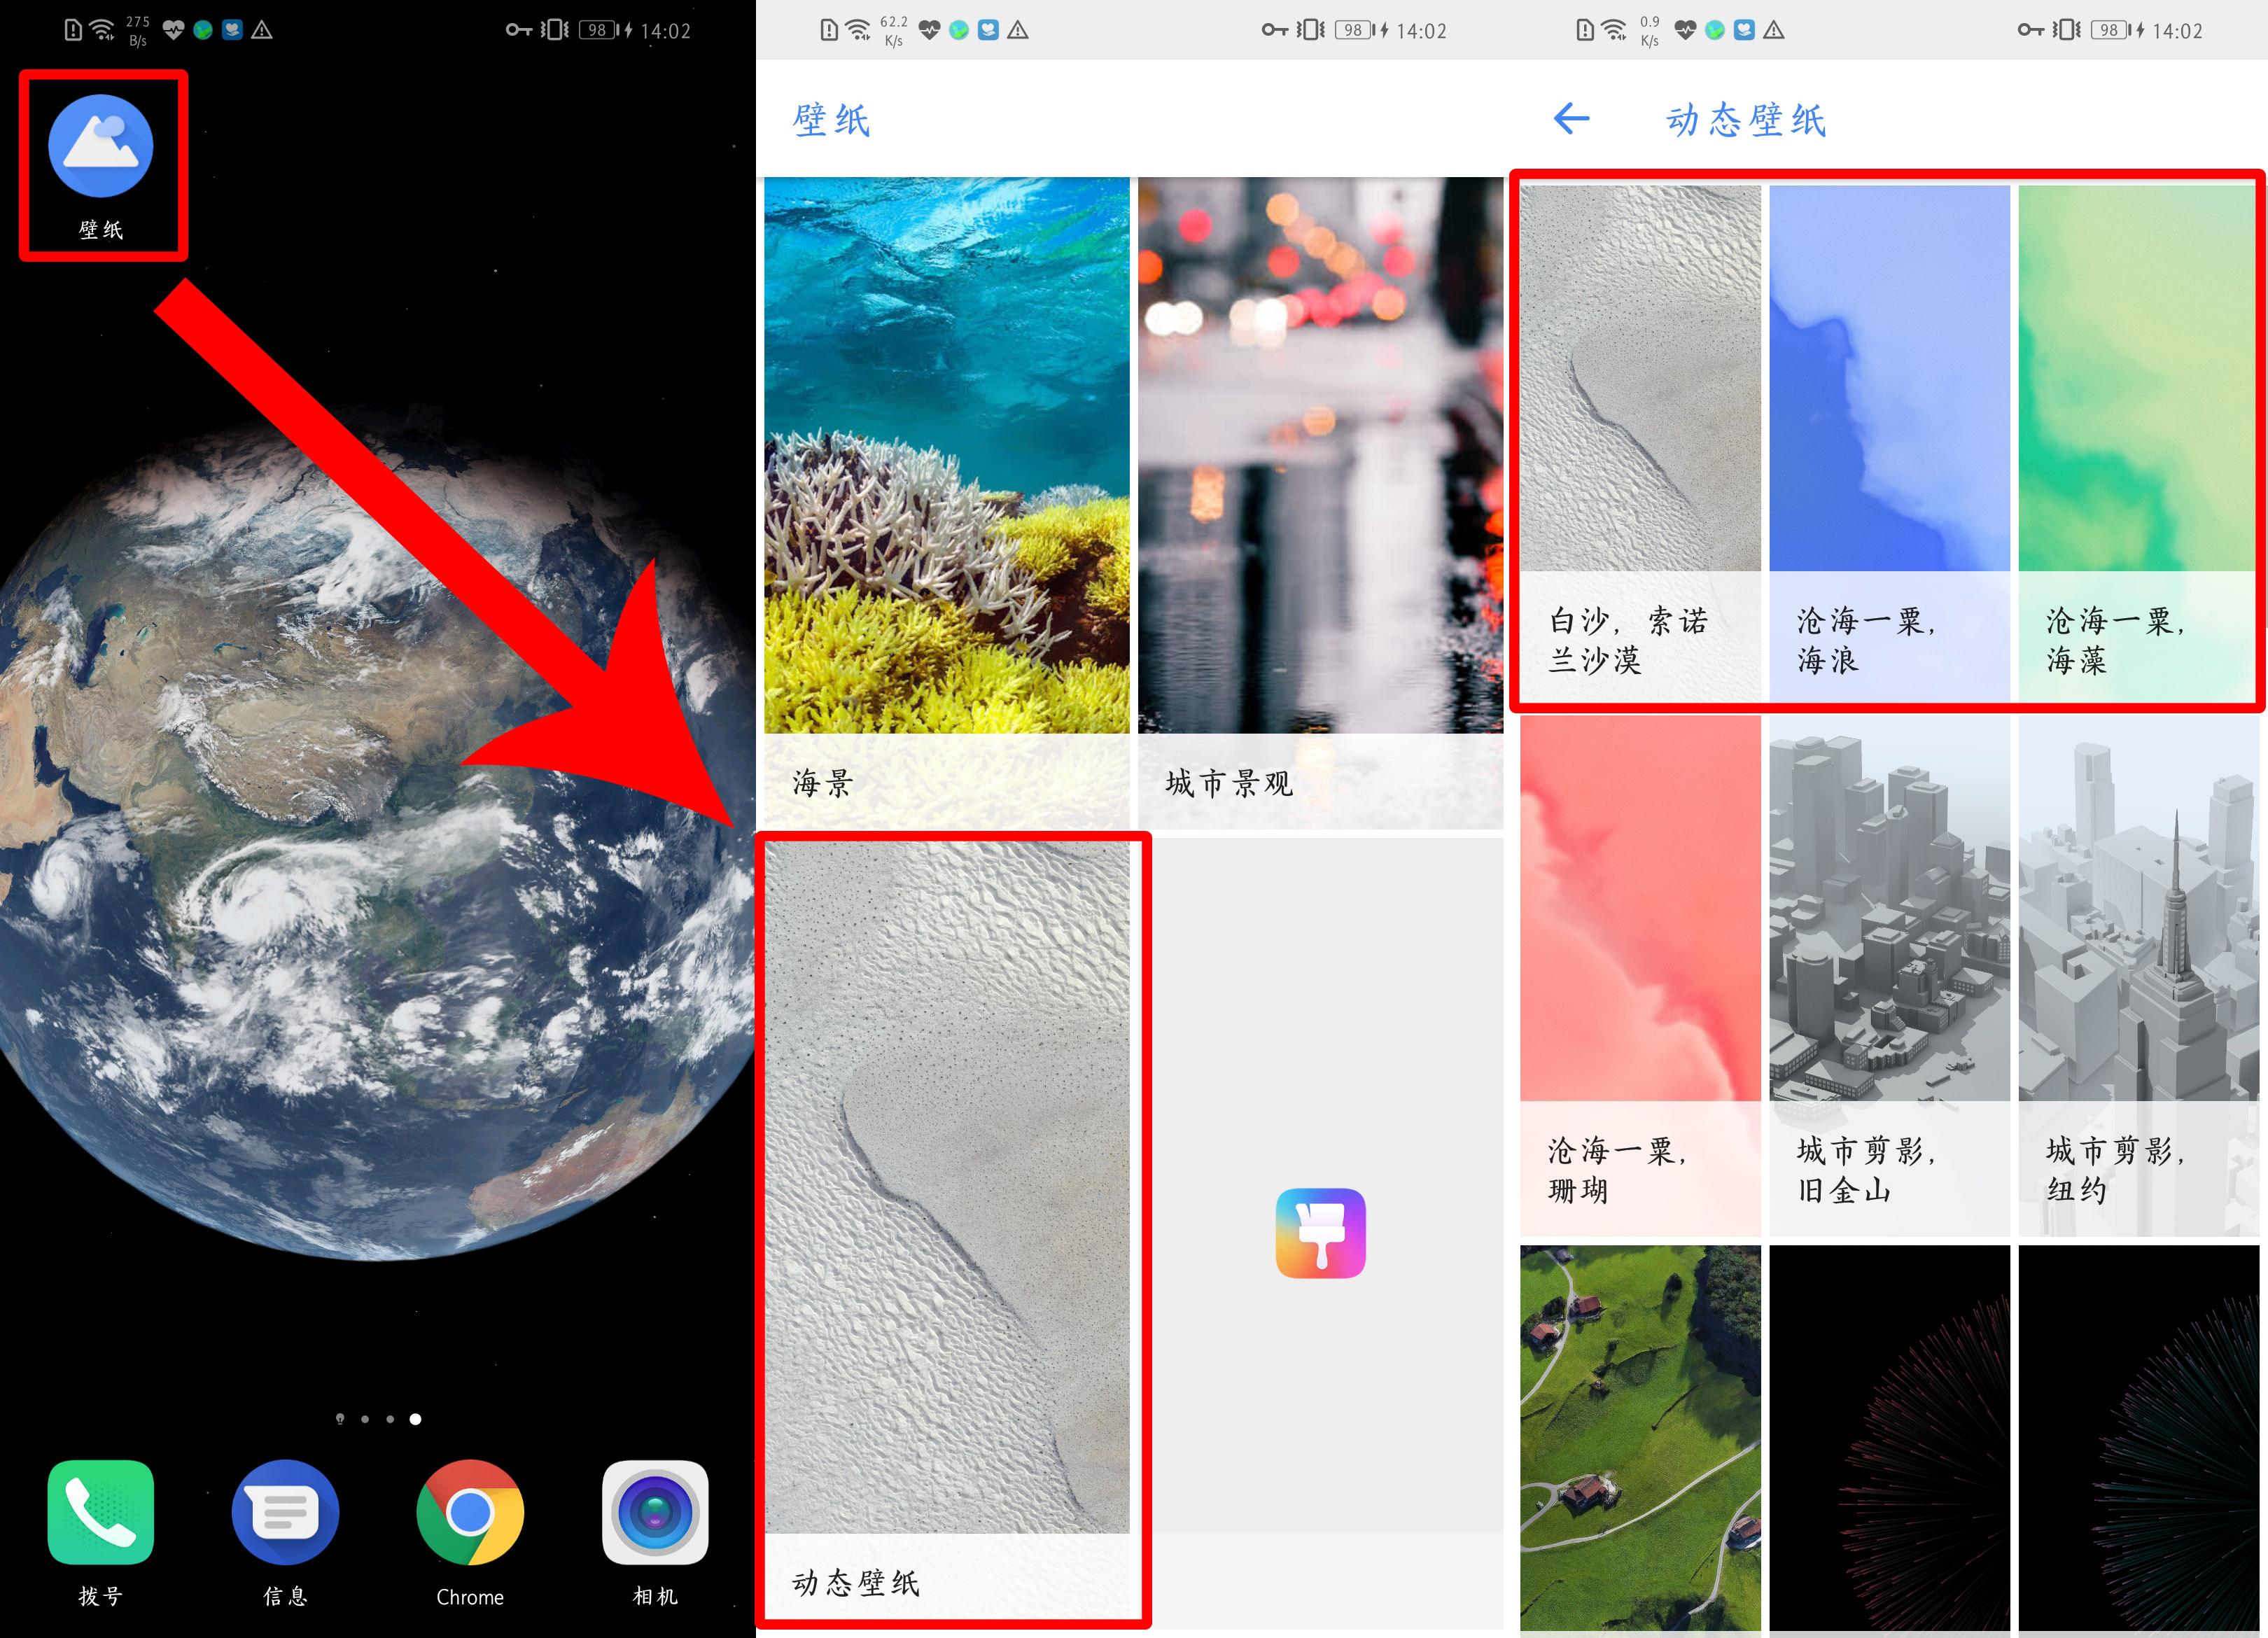 Screenshot_20181-140212.jpg